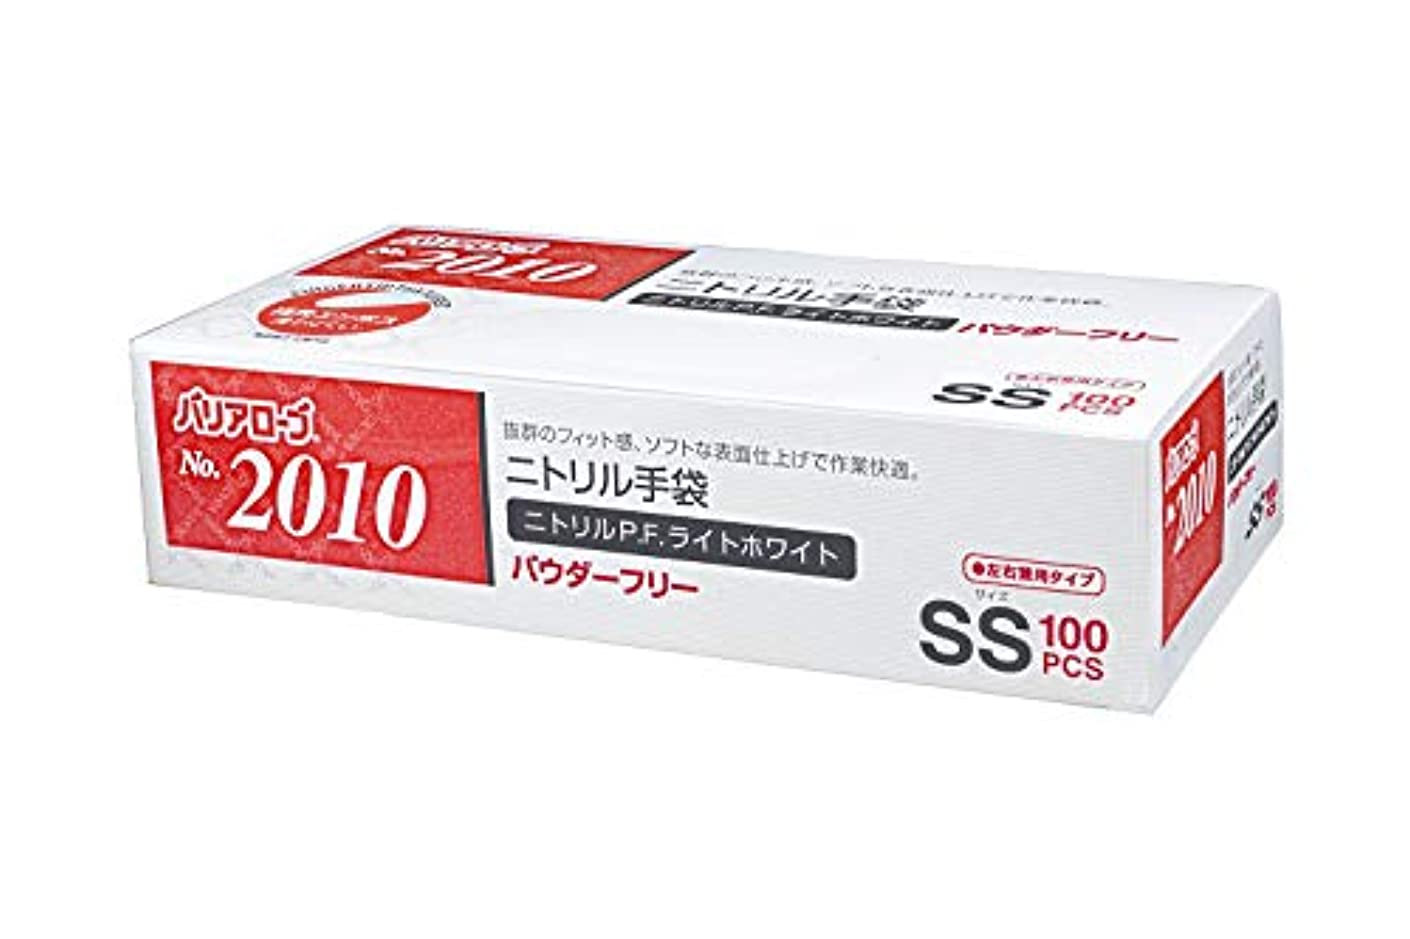 原子炉栄光ジャンク【ケース販売】 バリアローブ №2010 ニトリルP.F.ライト ホワイト (パウダーフリー) SS 2000枚(100枚×20箱)